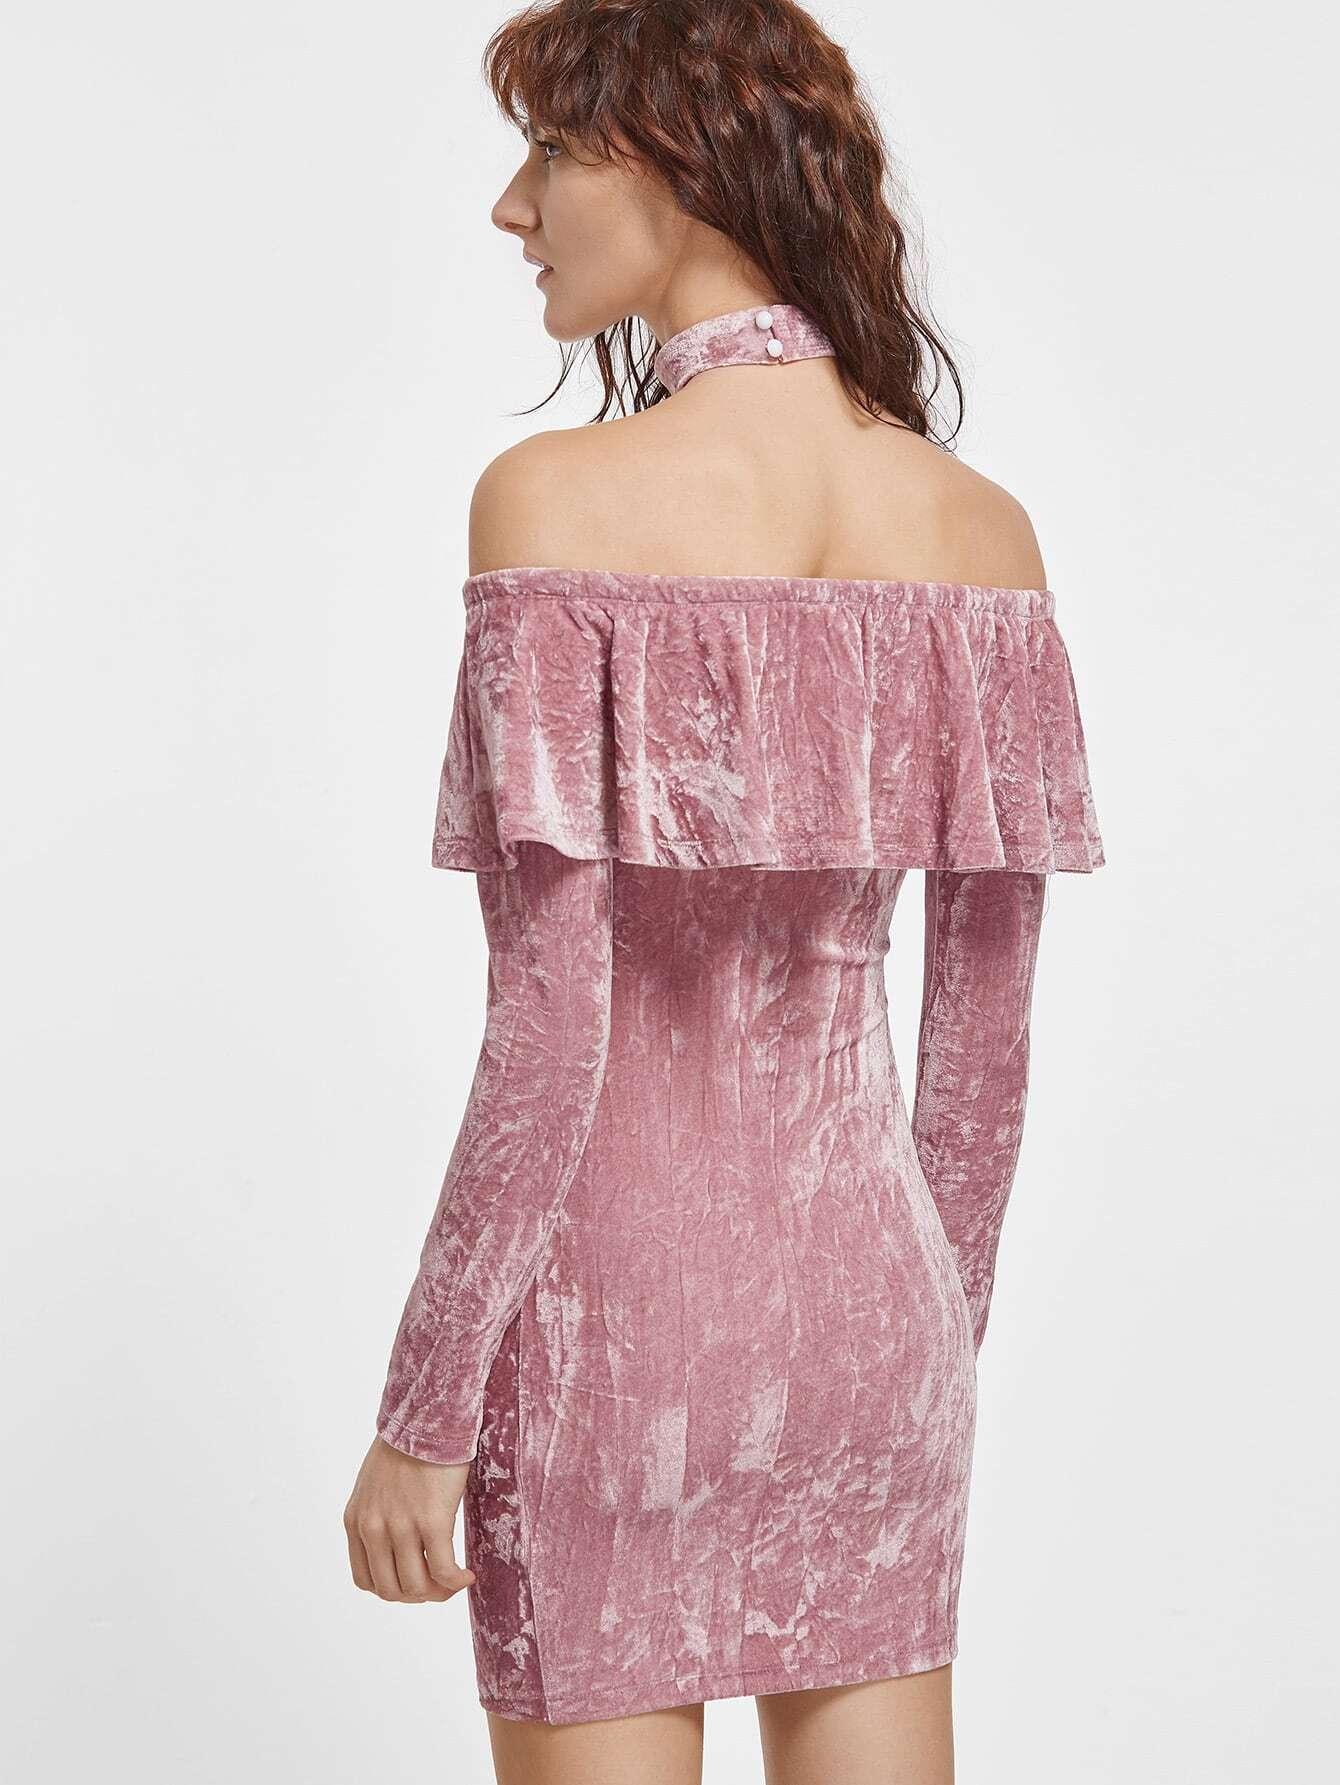 dress161206712_2